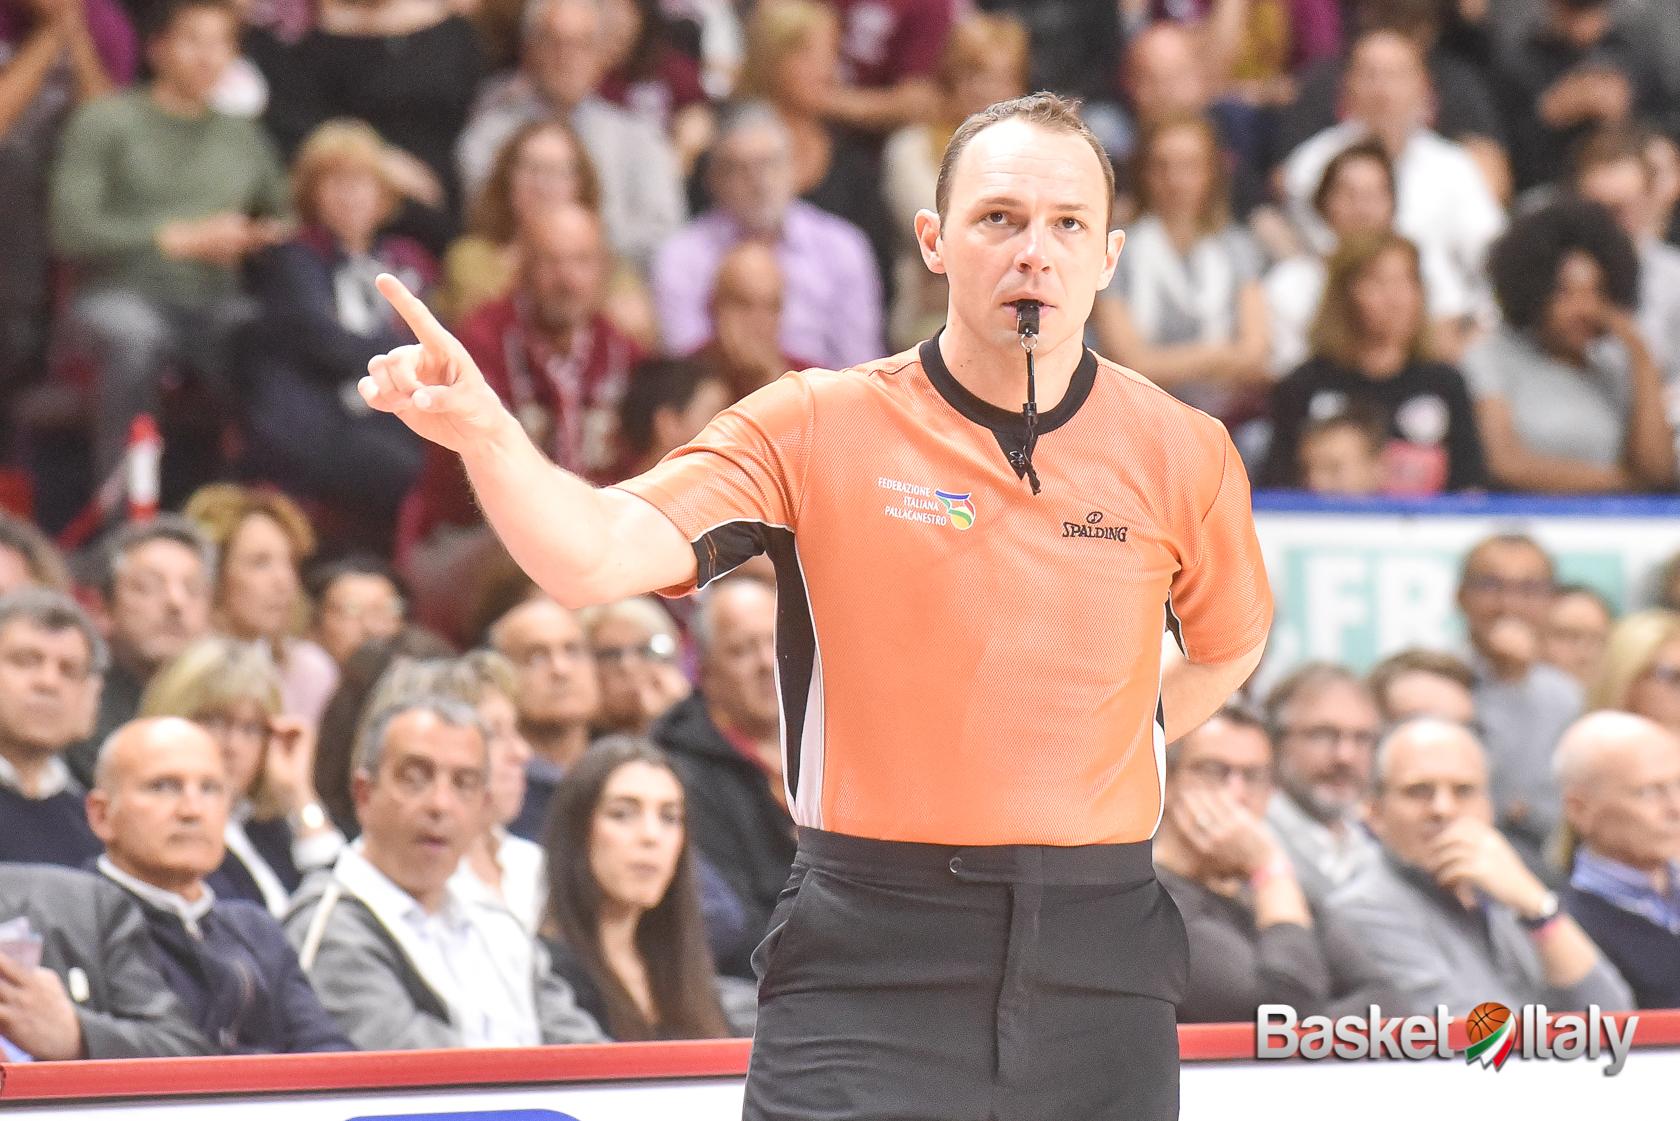 E' Manuel Mazzoni l'arbitro designato per i Giochi Olimpici di Tokyo